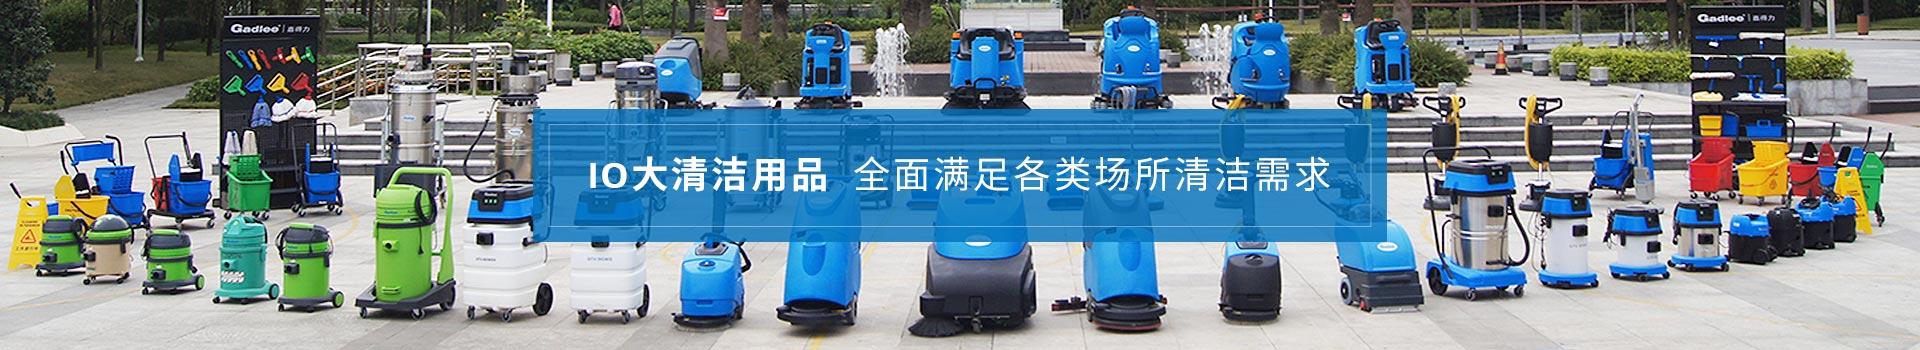 南京嘉得力-10大清洁用品,全面满足各类场所清洁需求